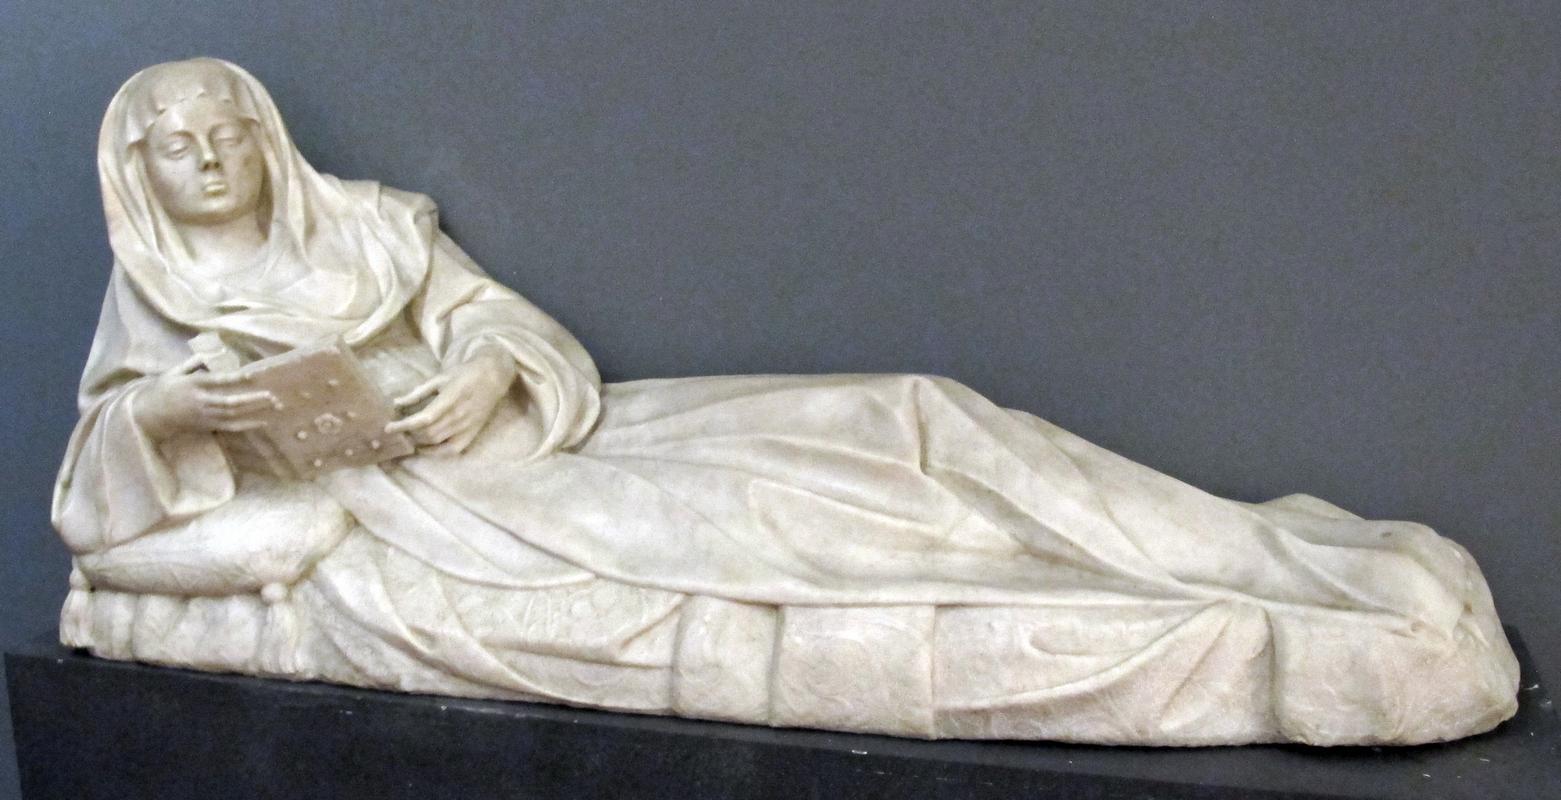 BartolomеОрдоньес(attr.),_defunta_semigiacente,_1515-17,_.JPG